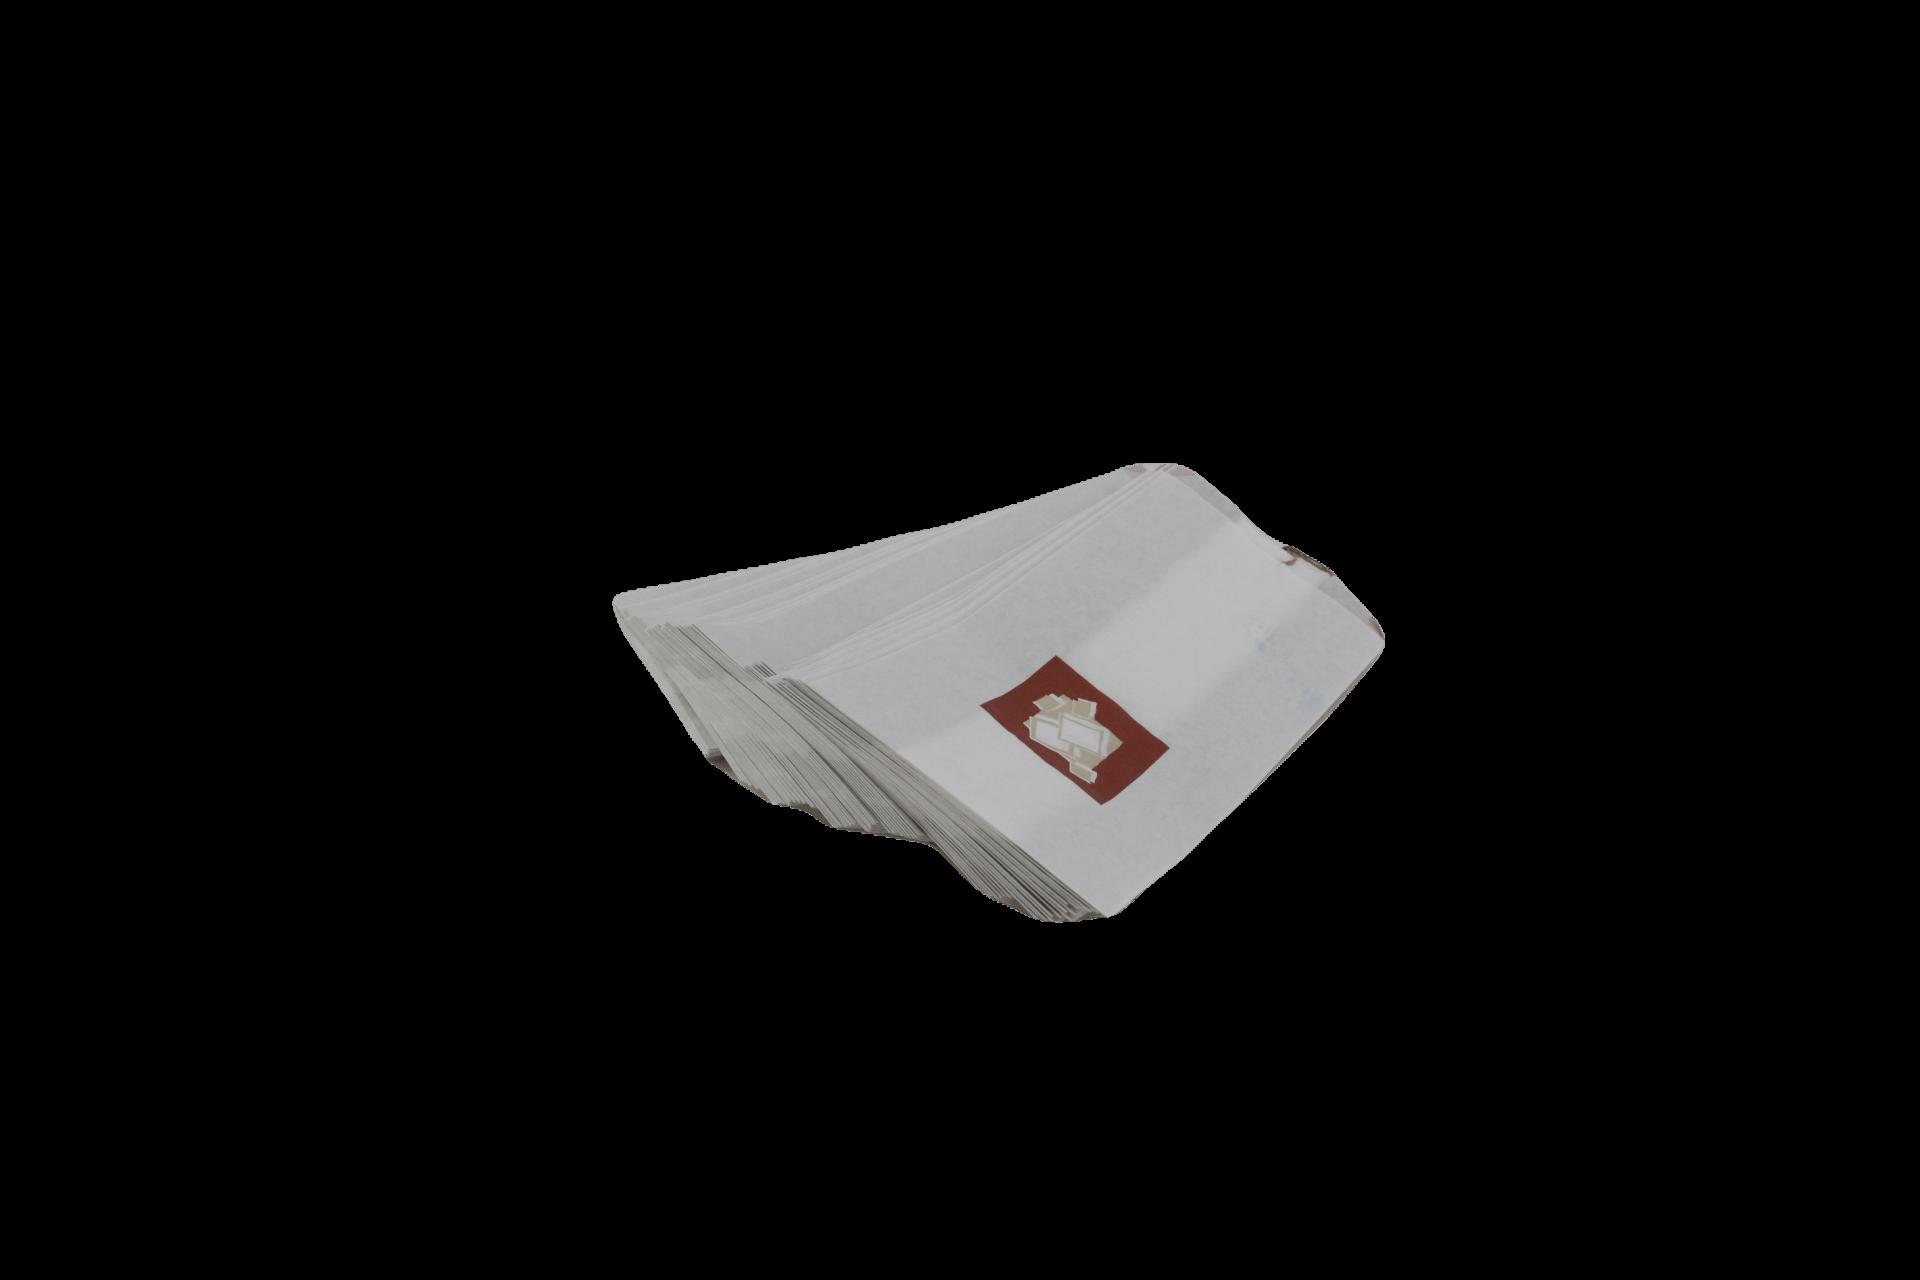 Sanitaire zakjes voor hygienisch verband